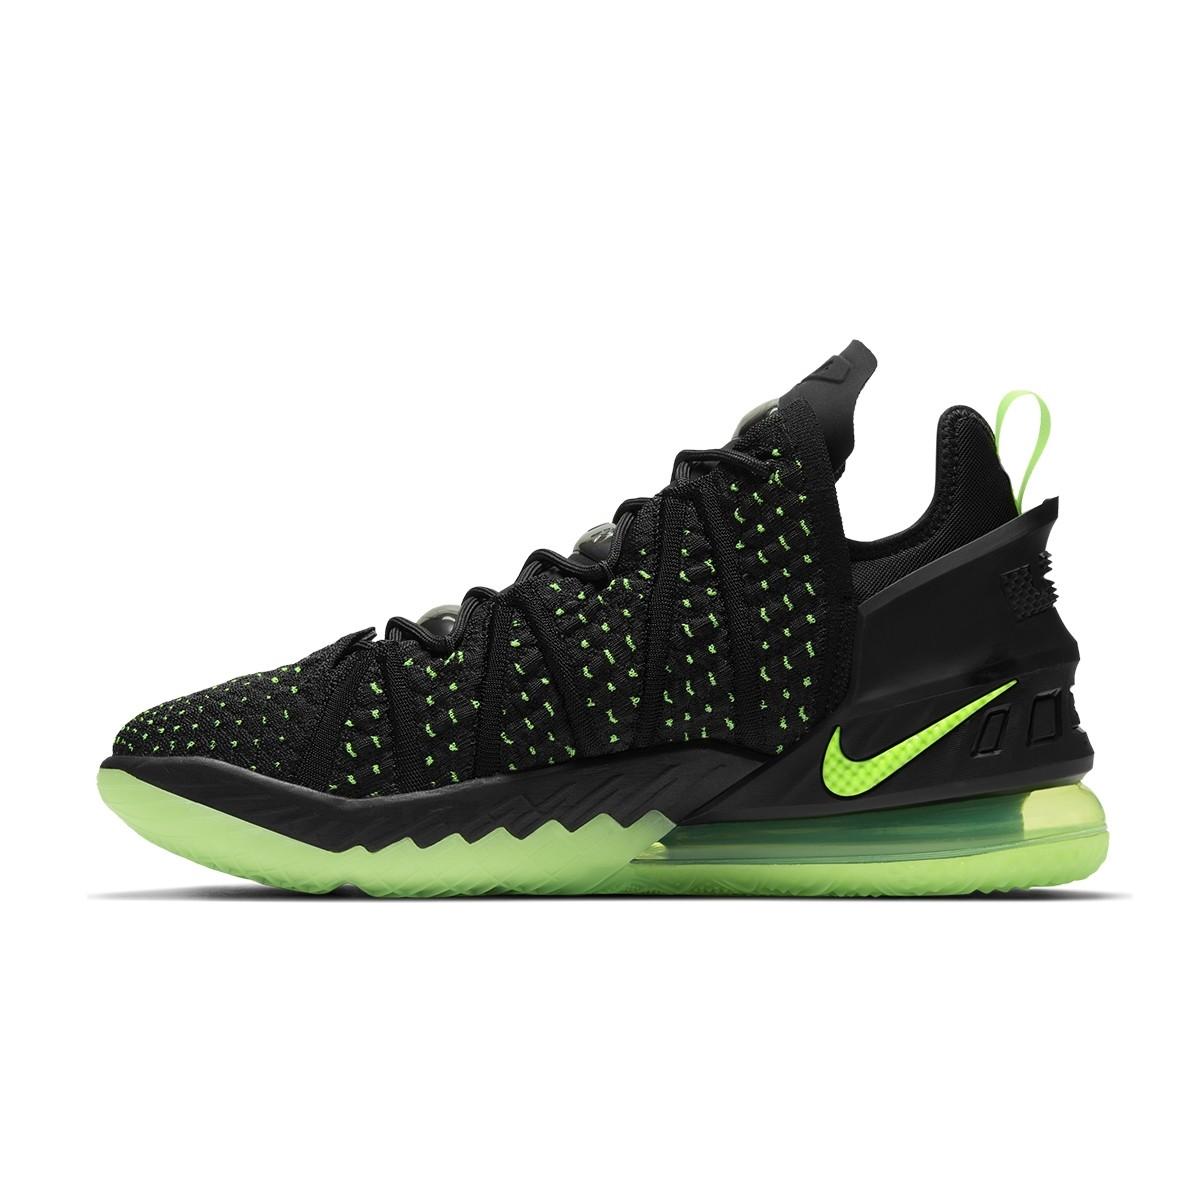 Nike LeBron 18 'Dunkman'-CQ9283-005